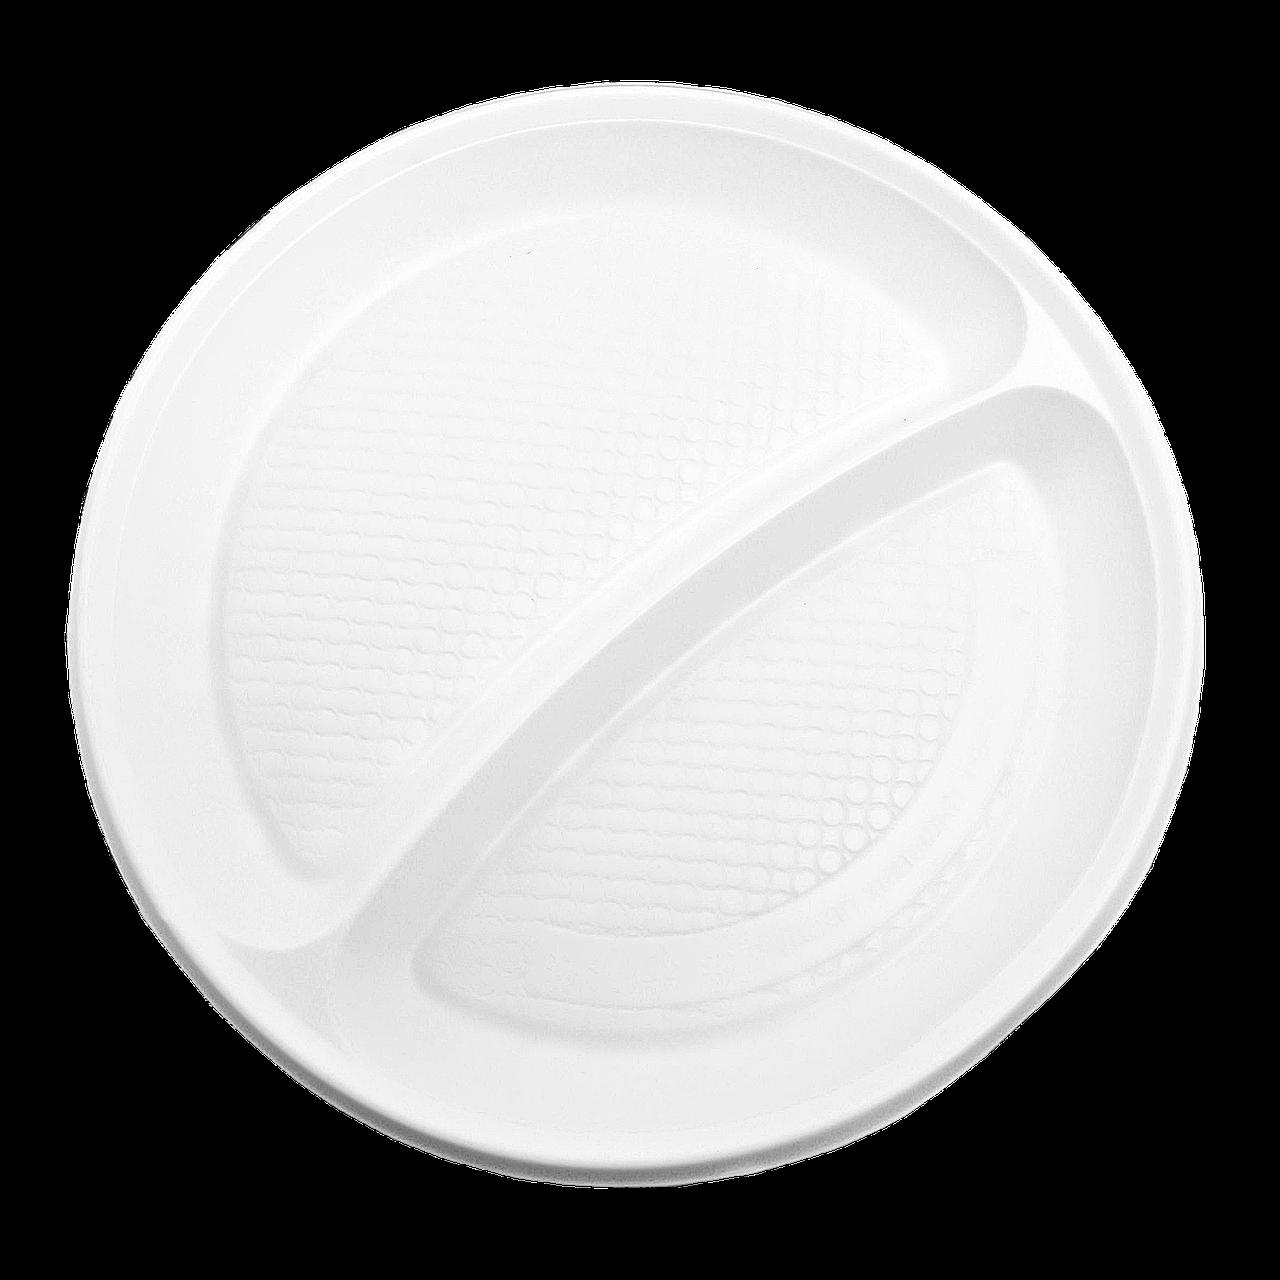 Тарілка пластикова, 2 відділення  20см 100шт Біла